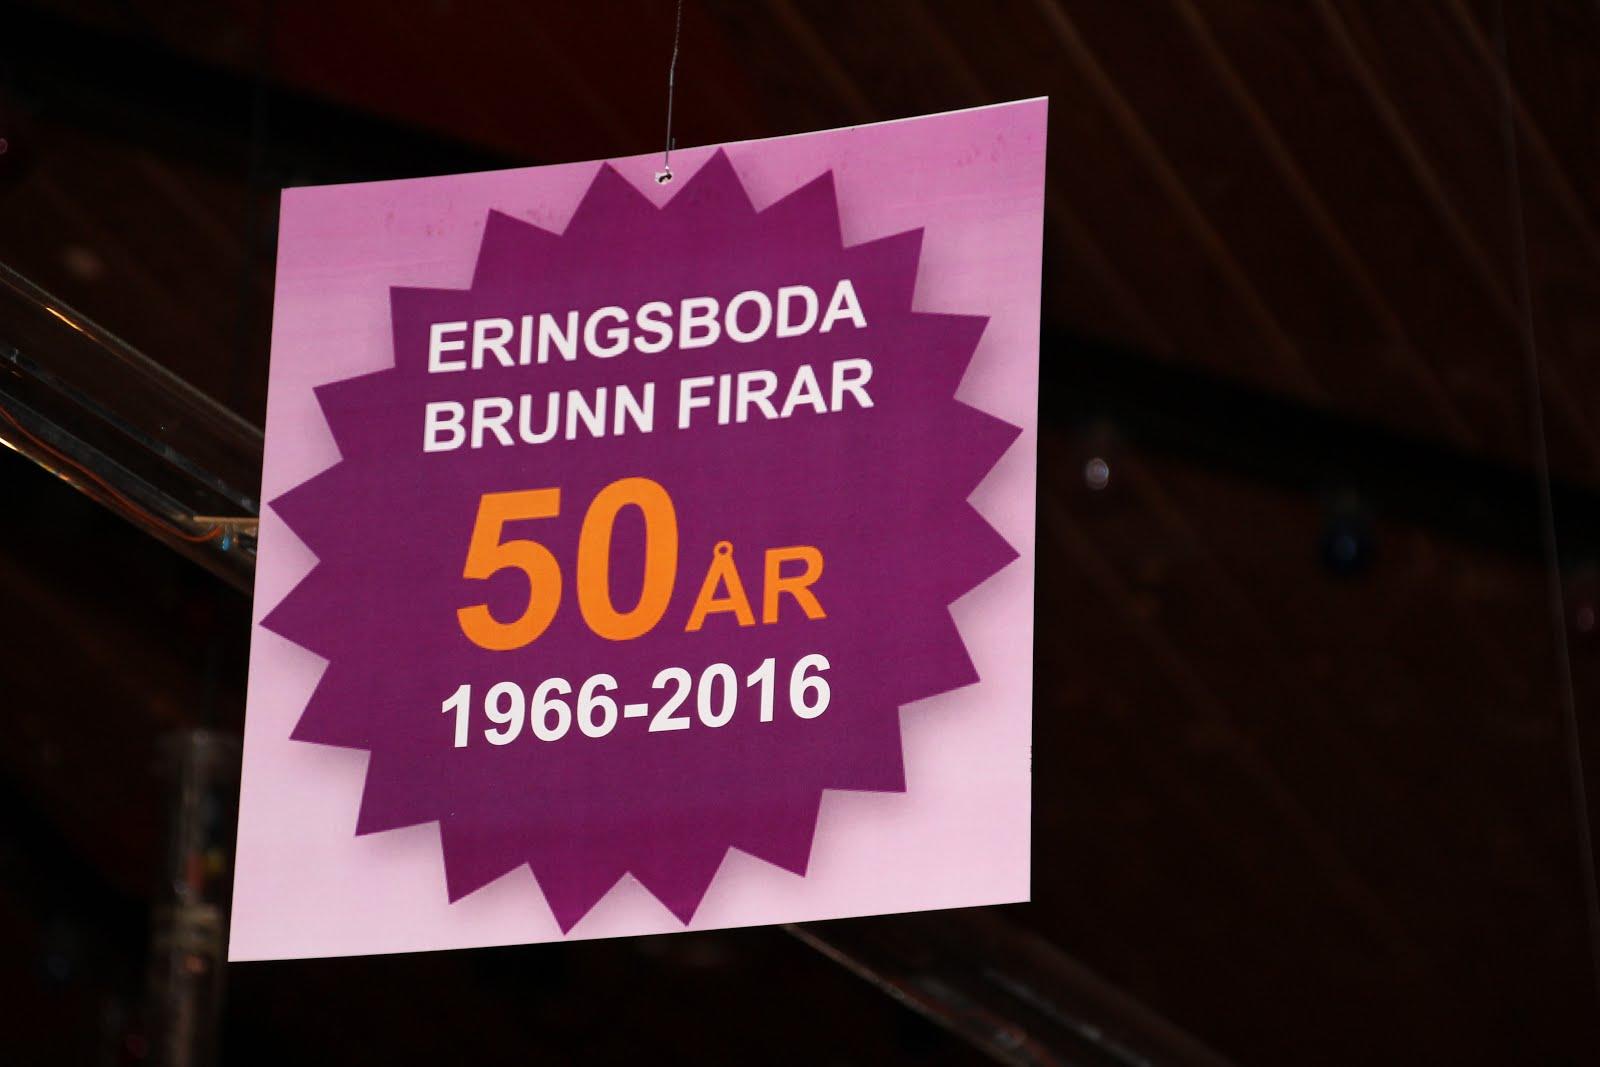 Eringsboda brunn 50 år